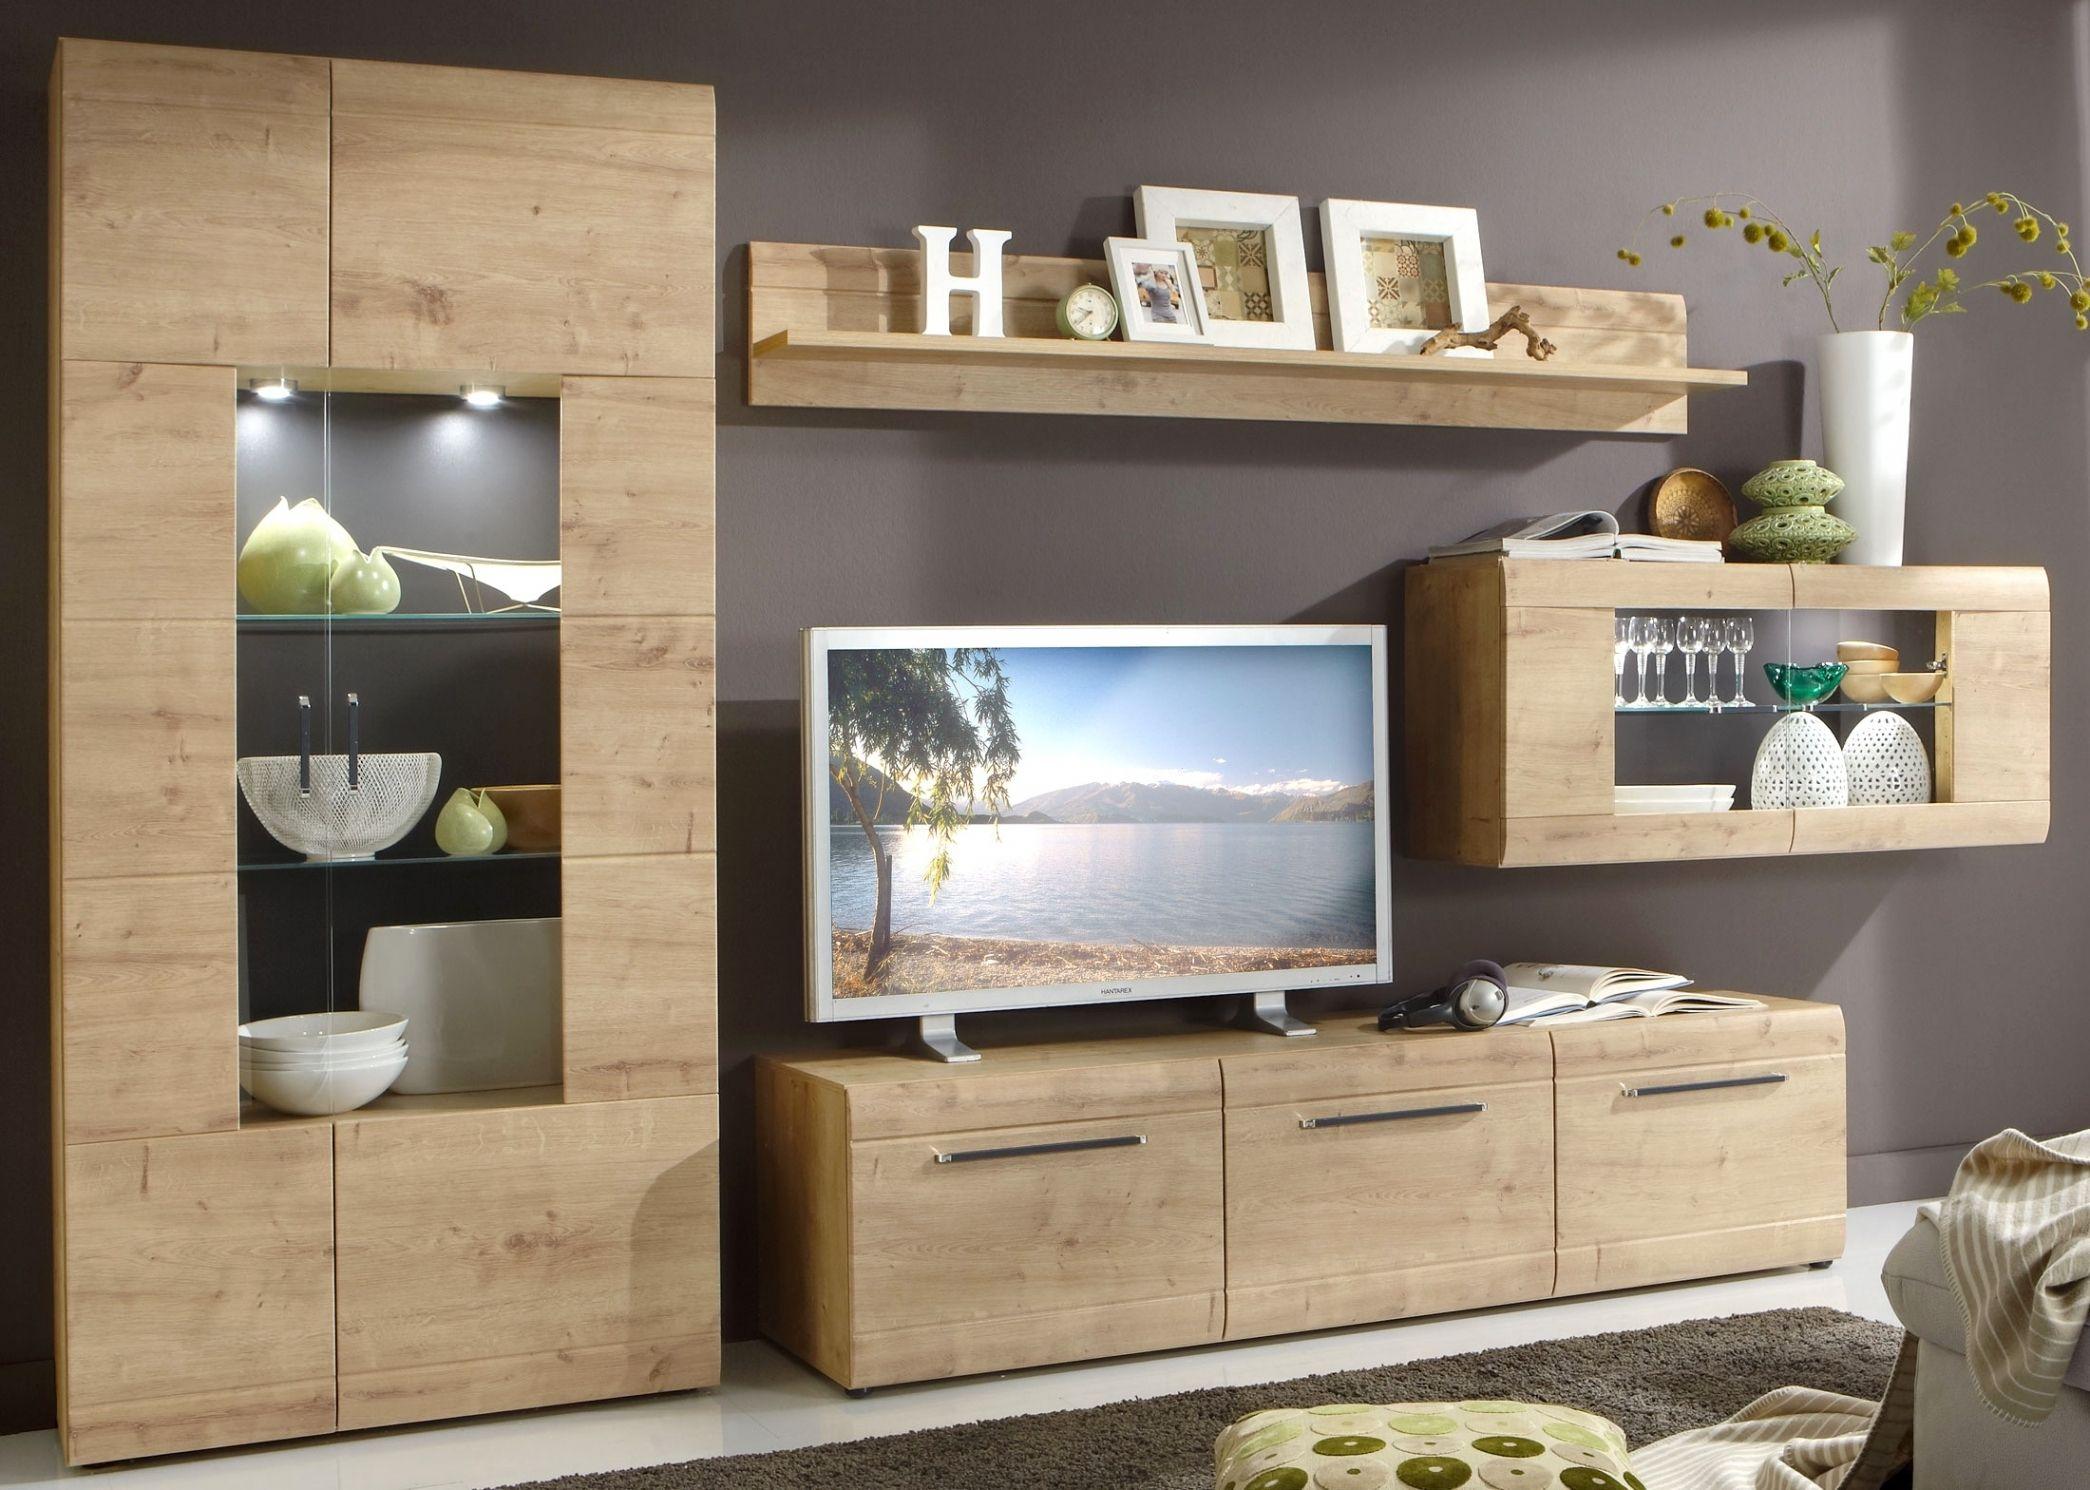 Ebay wohnzimmermöbel ~ Schön wohnzimmermöbel ebay wohnzimmermöbel pinterest ebay